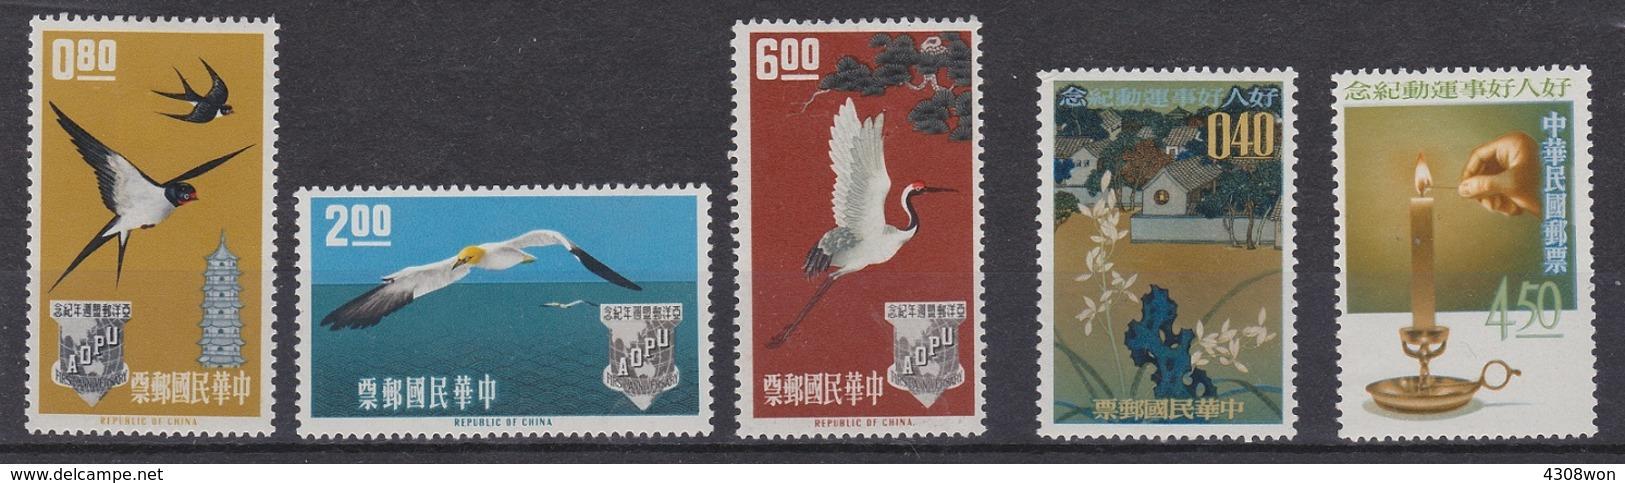 1963 China Taiwan 2 Sets; AOPU And Goodman Deeds, Scott #1370-2, 1381-2; MINT UNUSED - Neufs